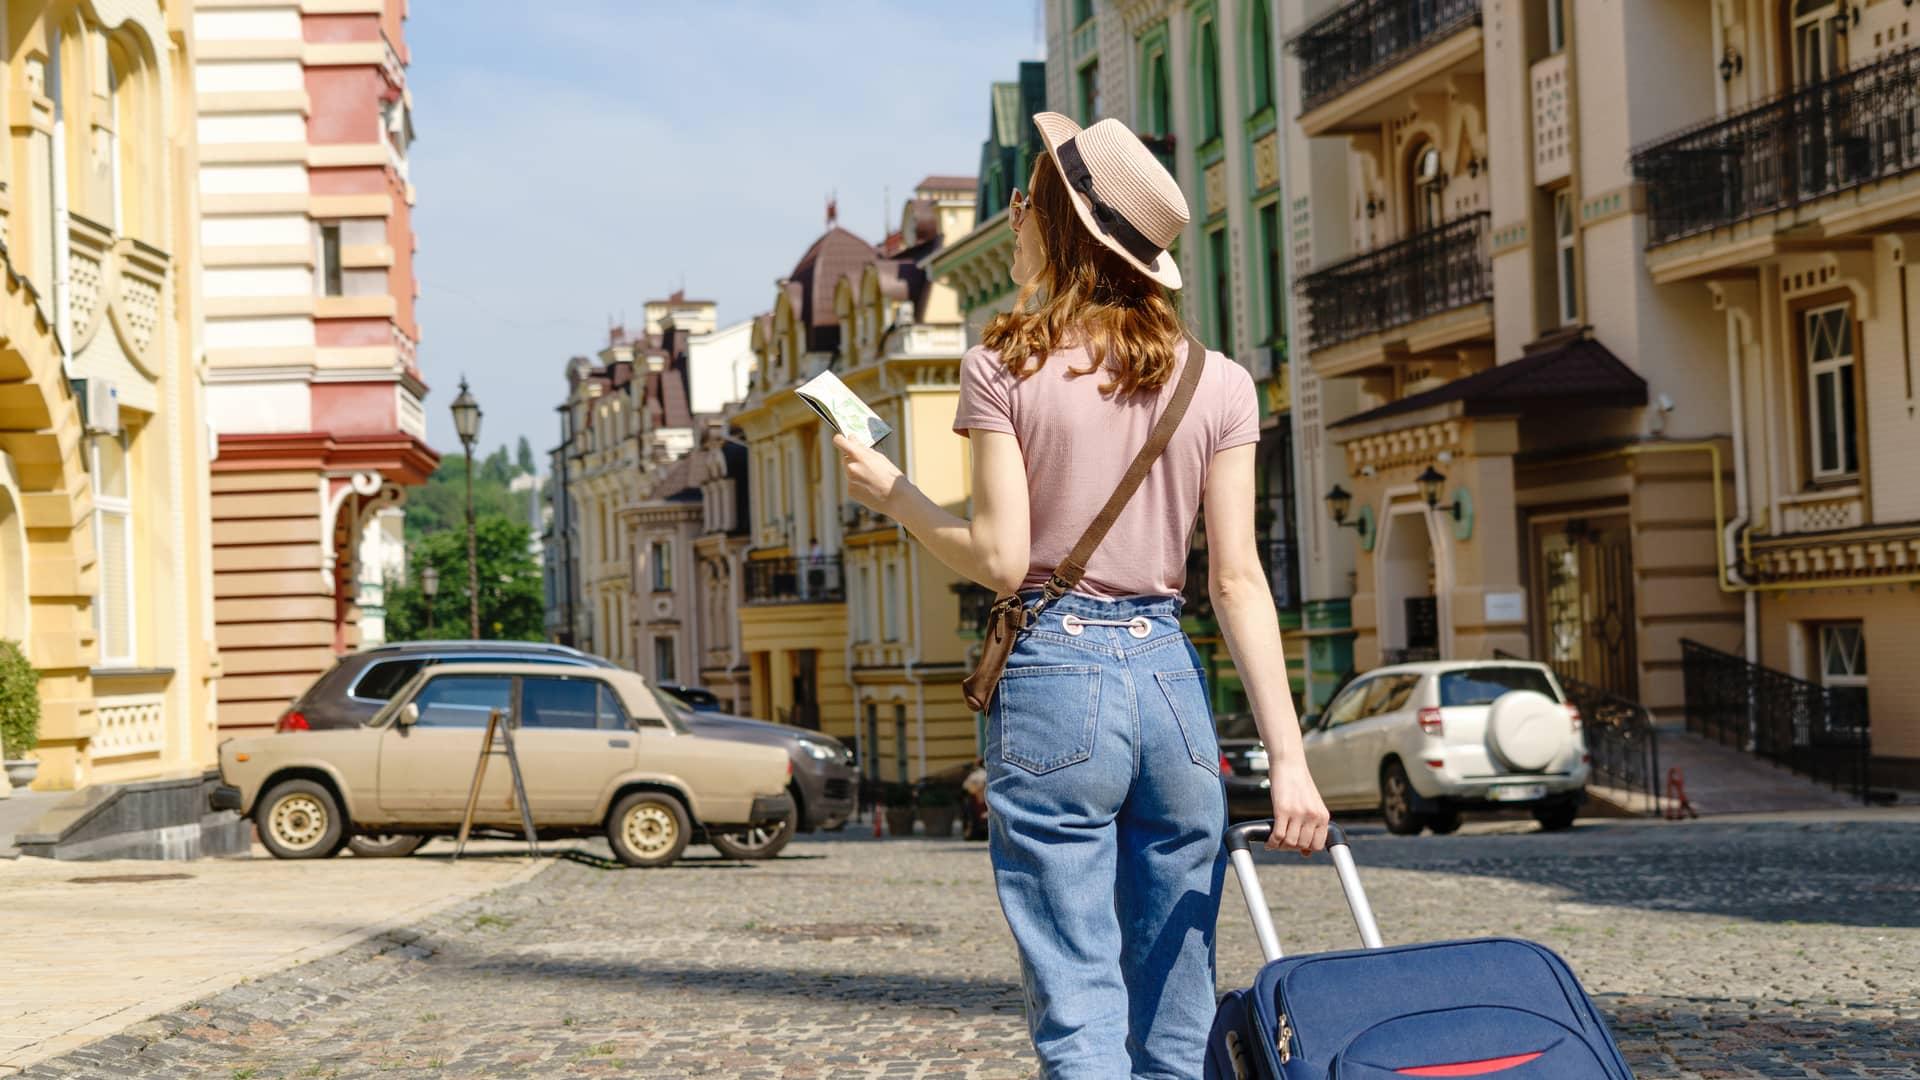 Mujer joven turista con maleta y mapa simboliza roaming unión europea